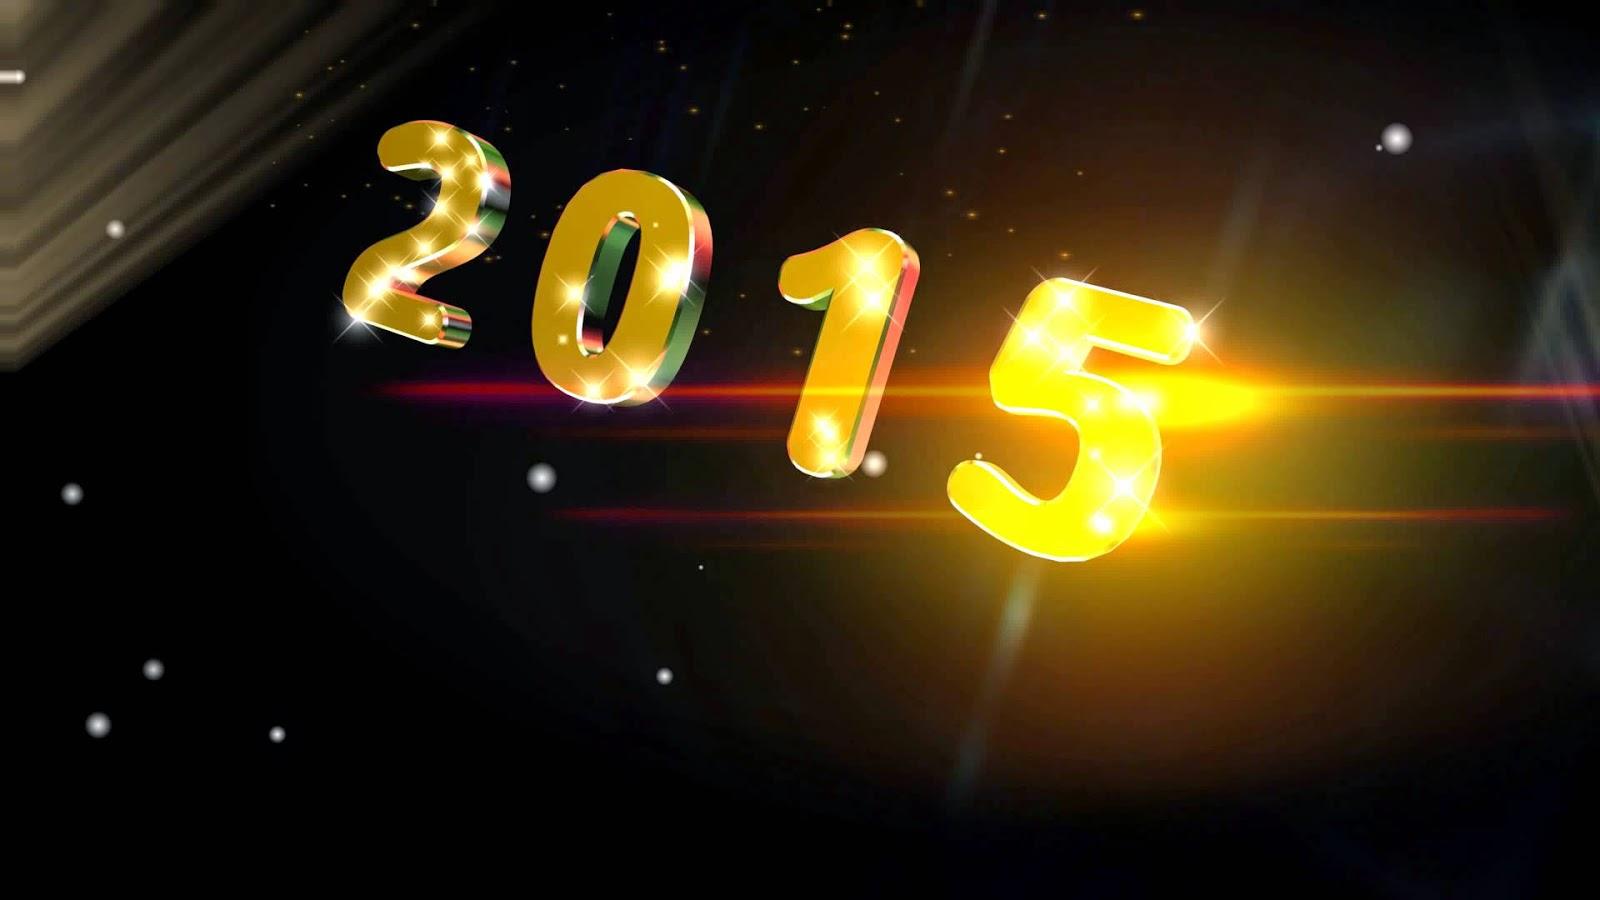 hình nền chúc mừng năm mới 2017